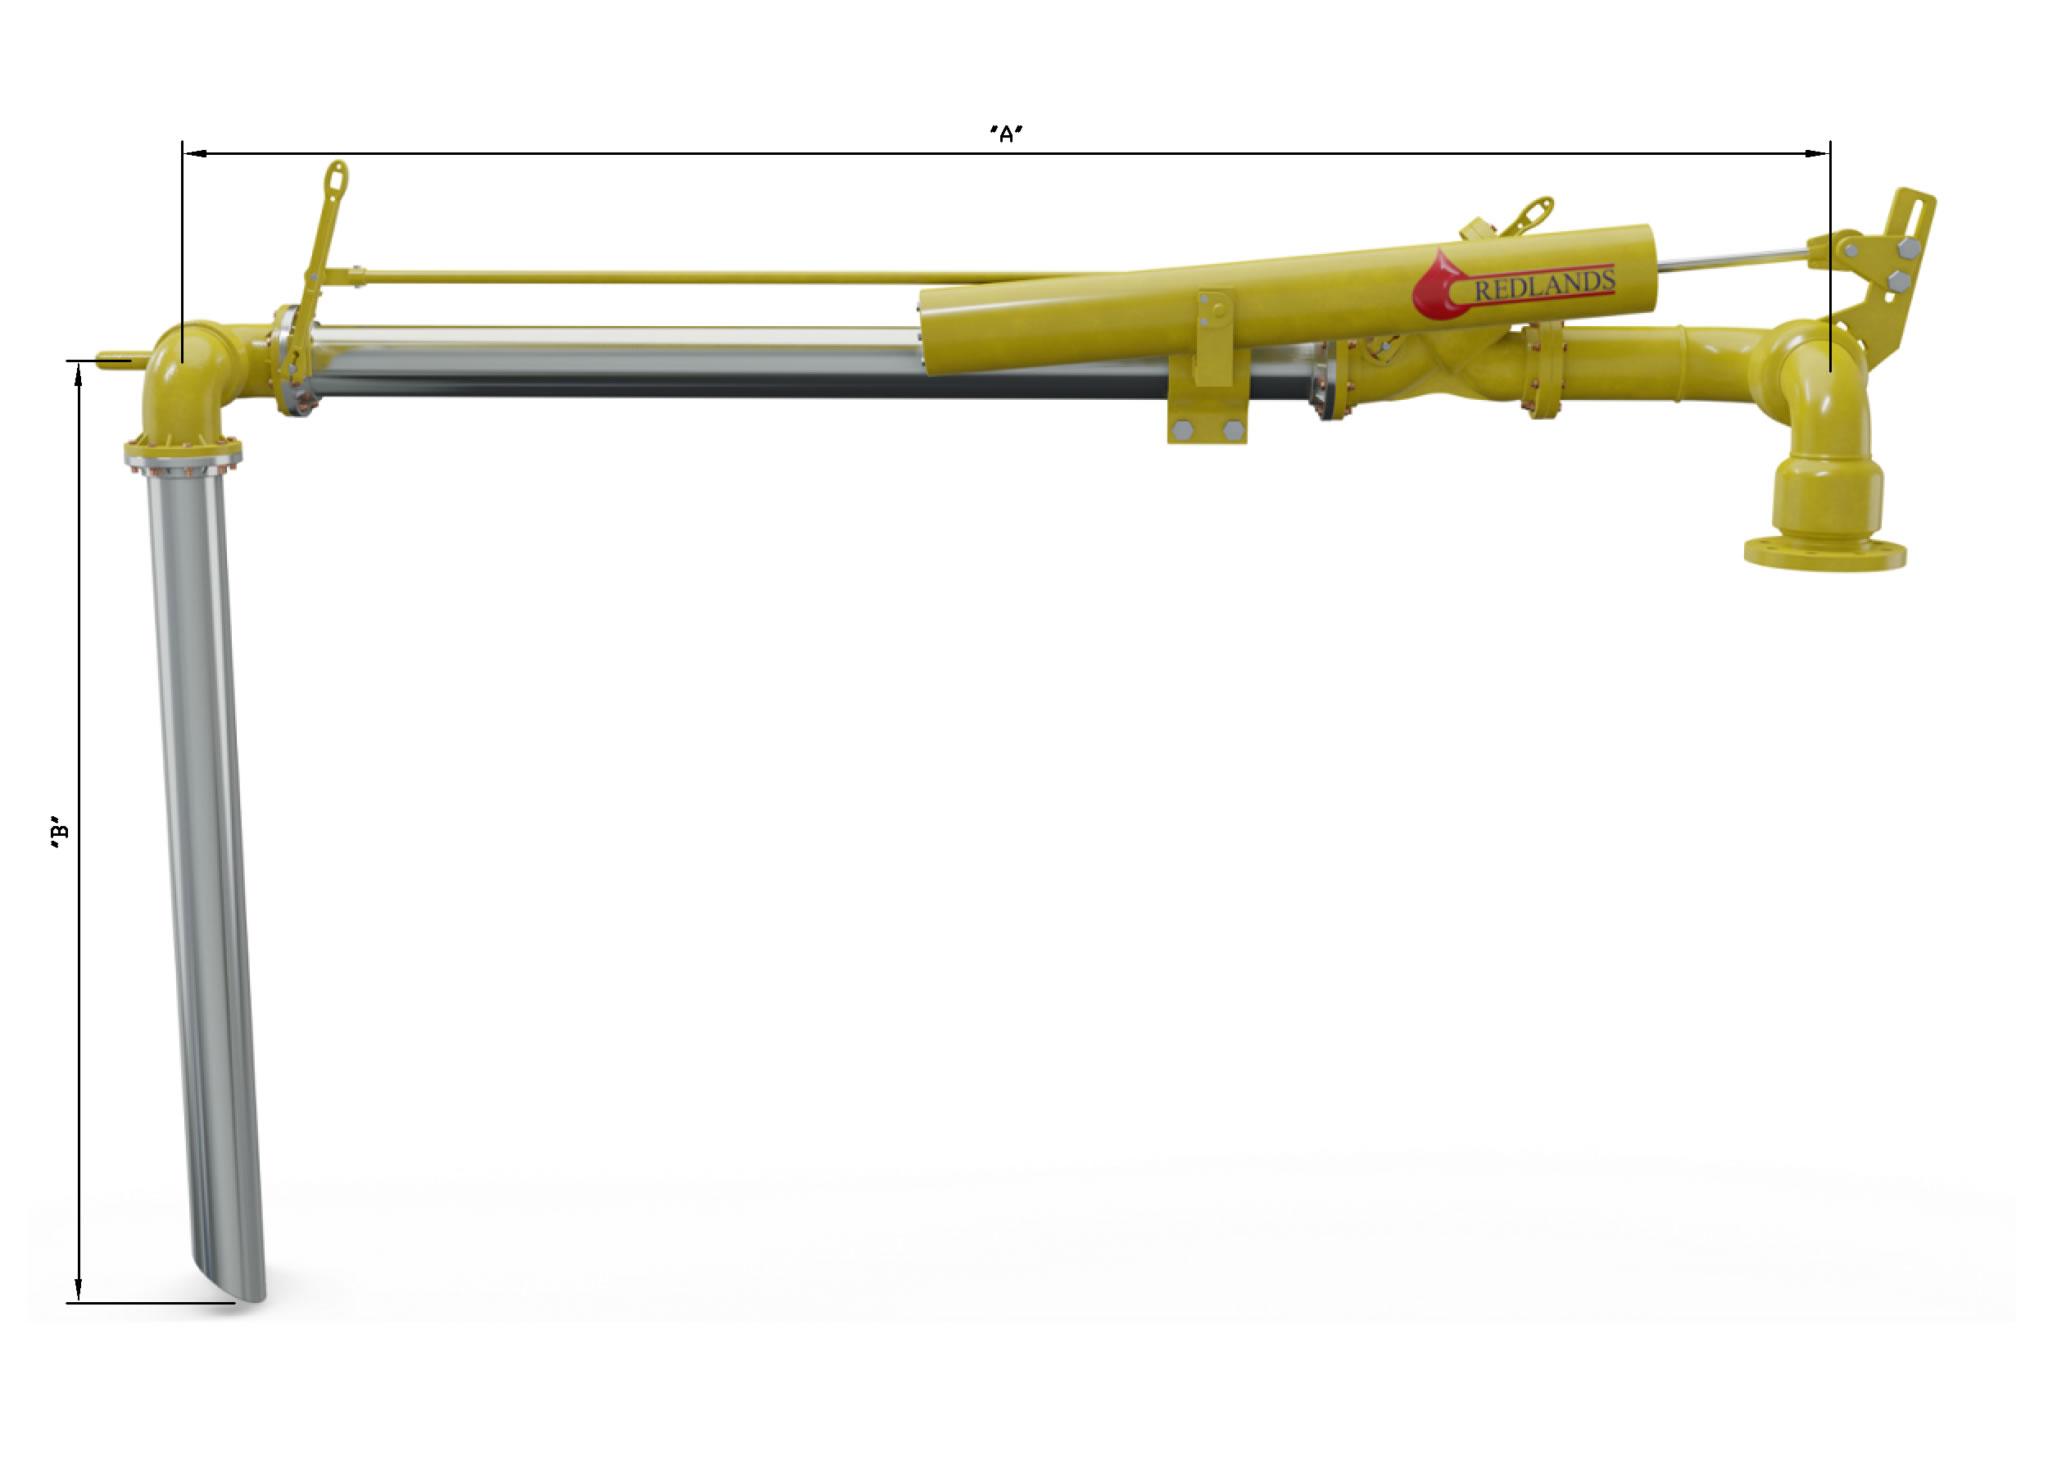 txtalt-produto-tipoe-bracos-de-carregamento-por-cima-serie-e-img001-pagina-redlands